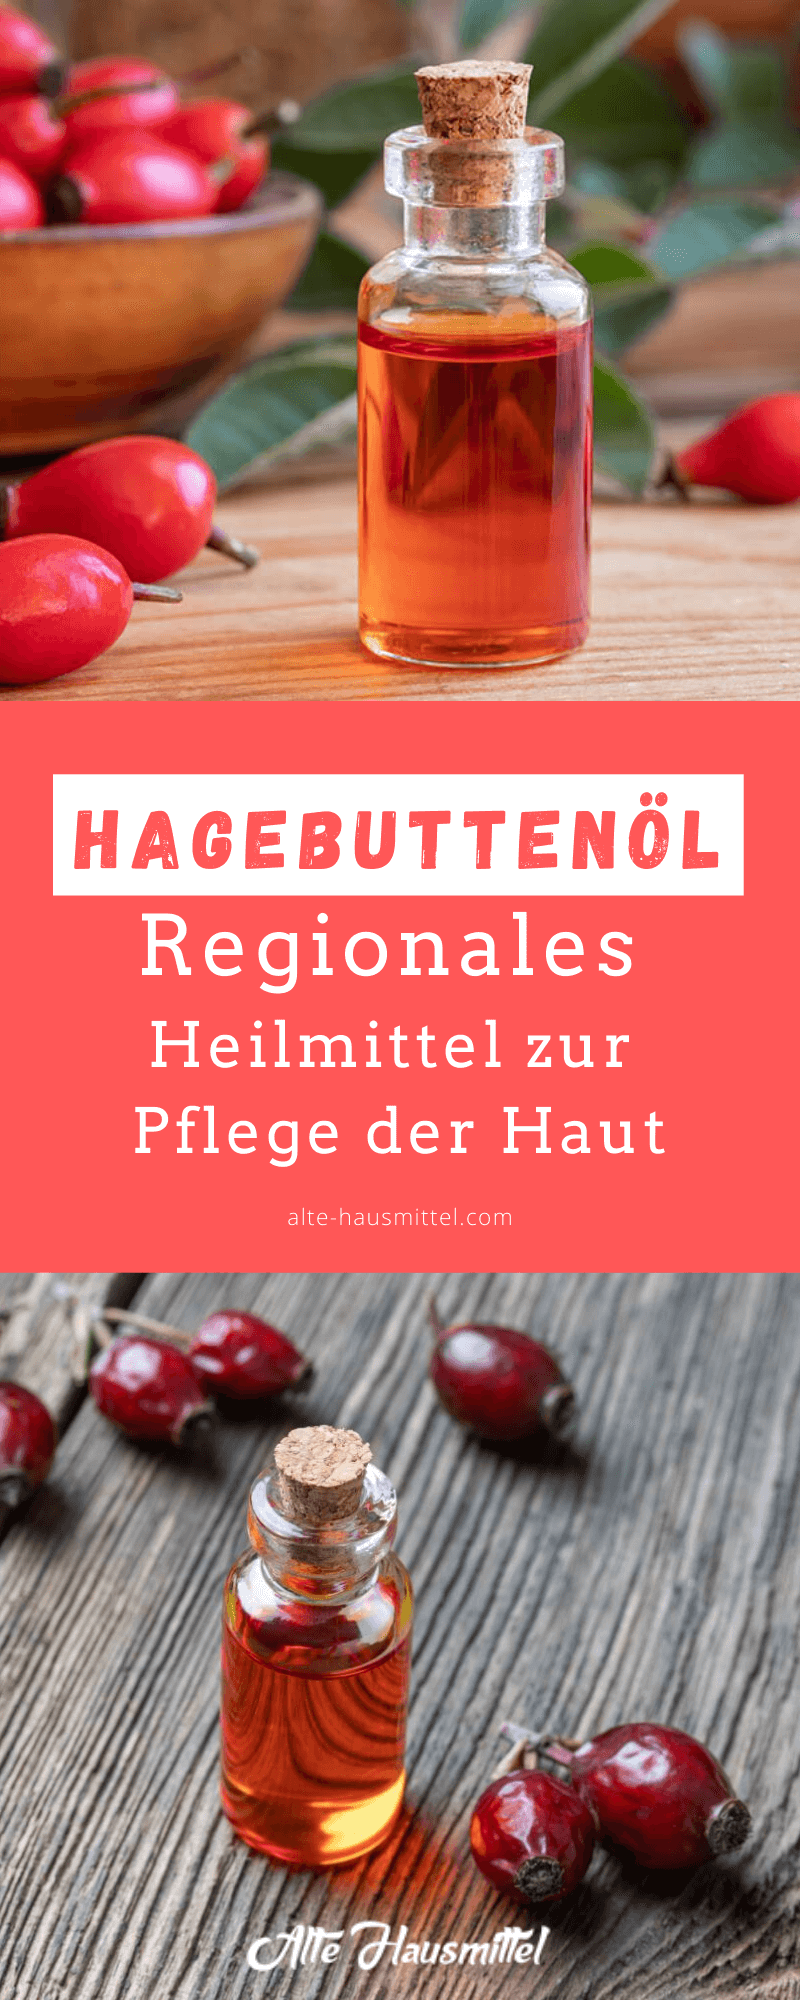 Hagebuttenöl - regionales Heilmittel zur Pflege der Haut